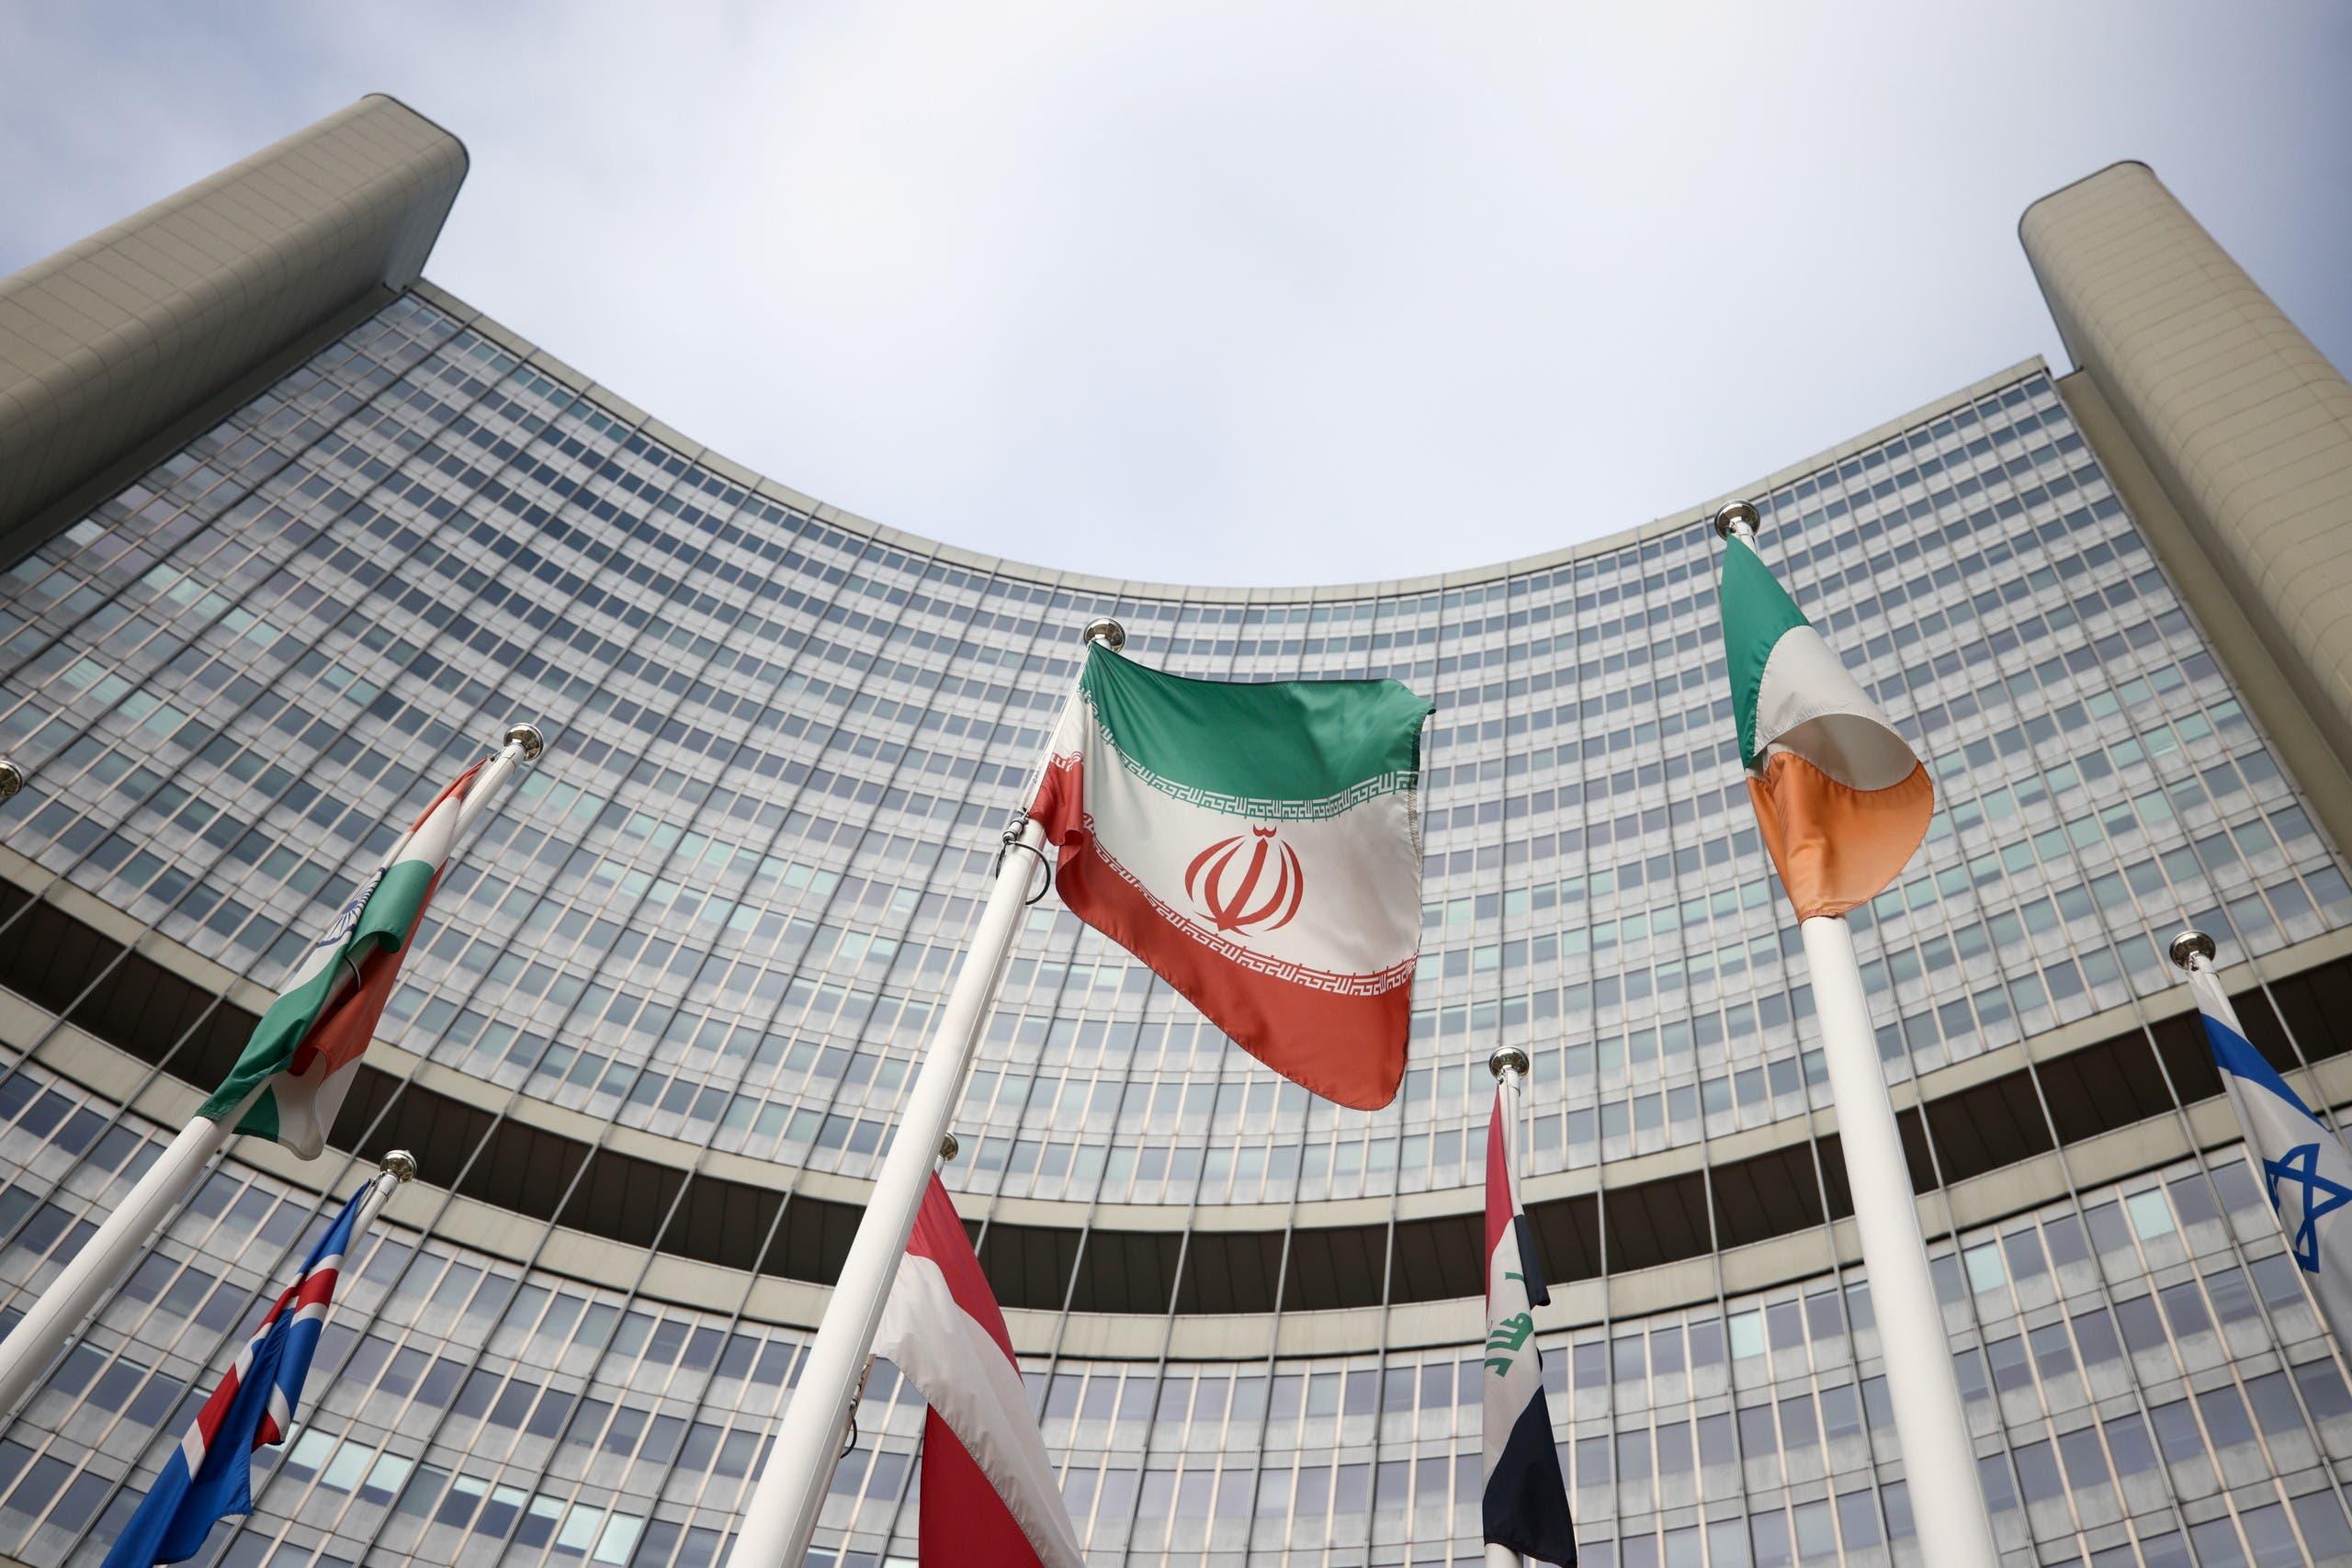 علم إيران أمام مقر الوكالة الدولية للطاقة الذرية (أرشيفية- رويترز)